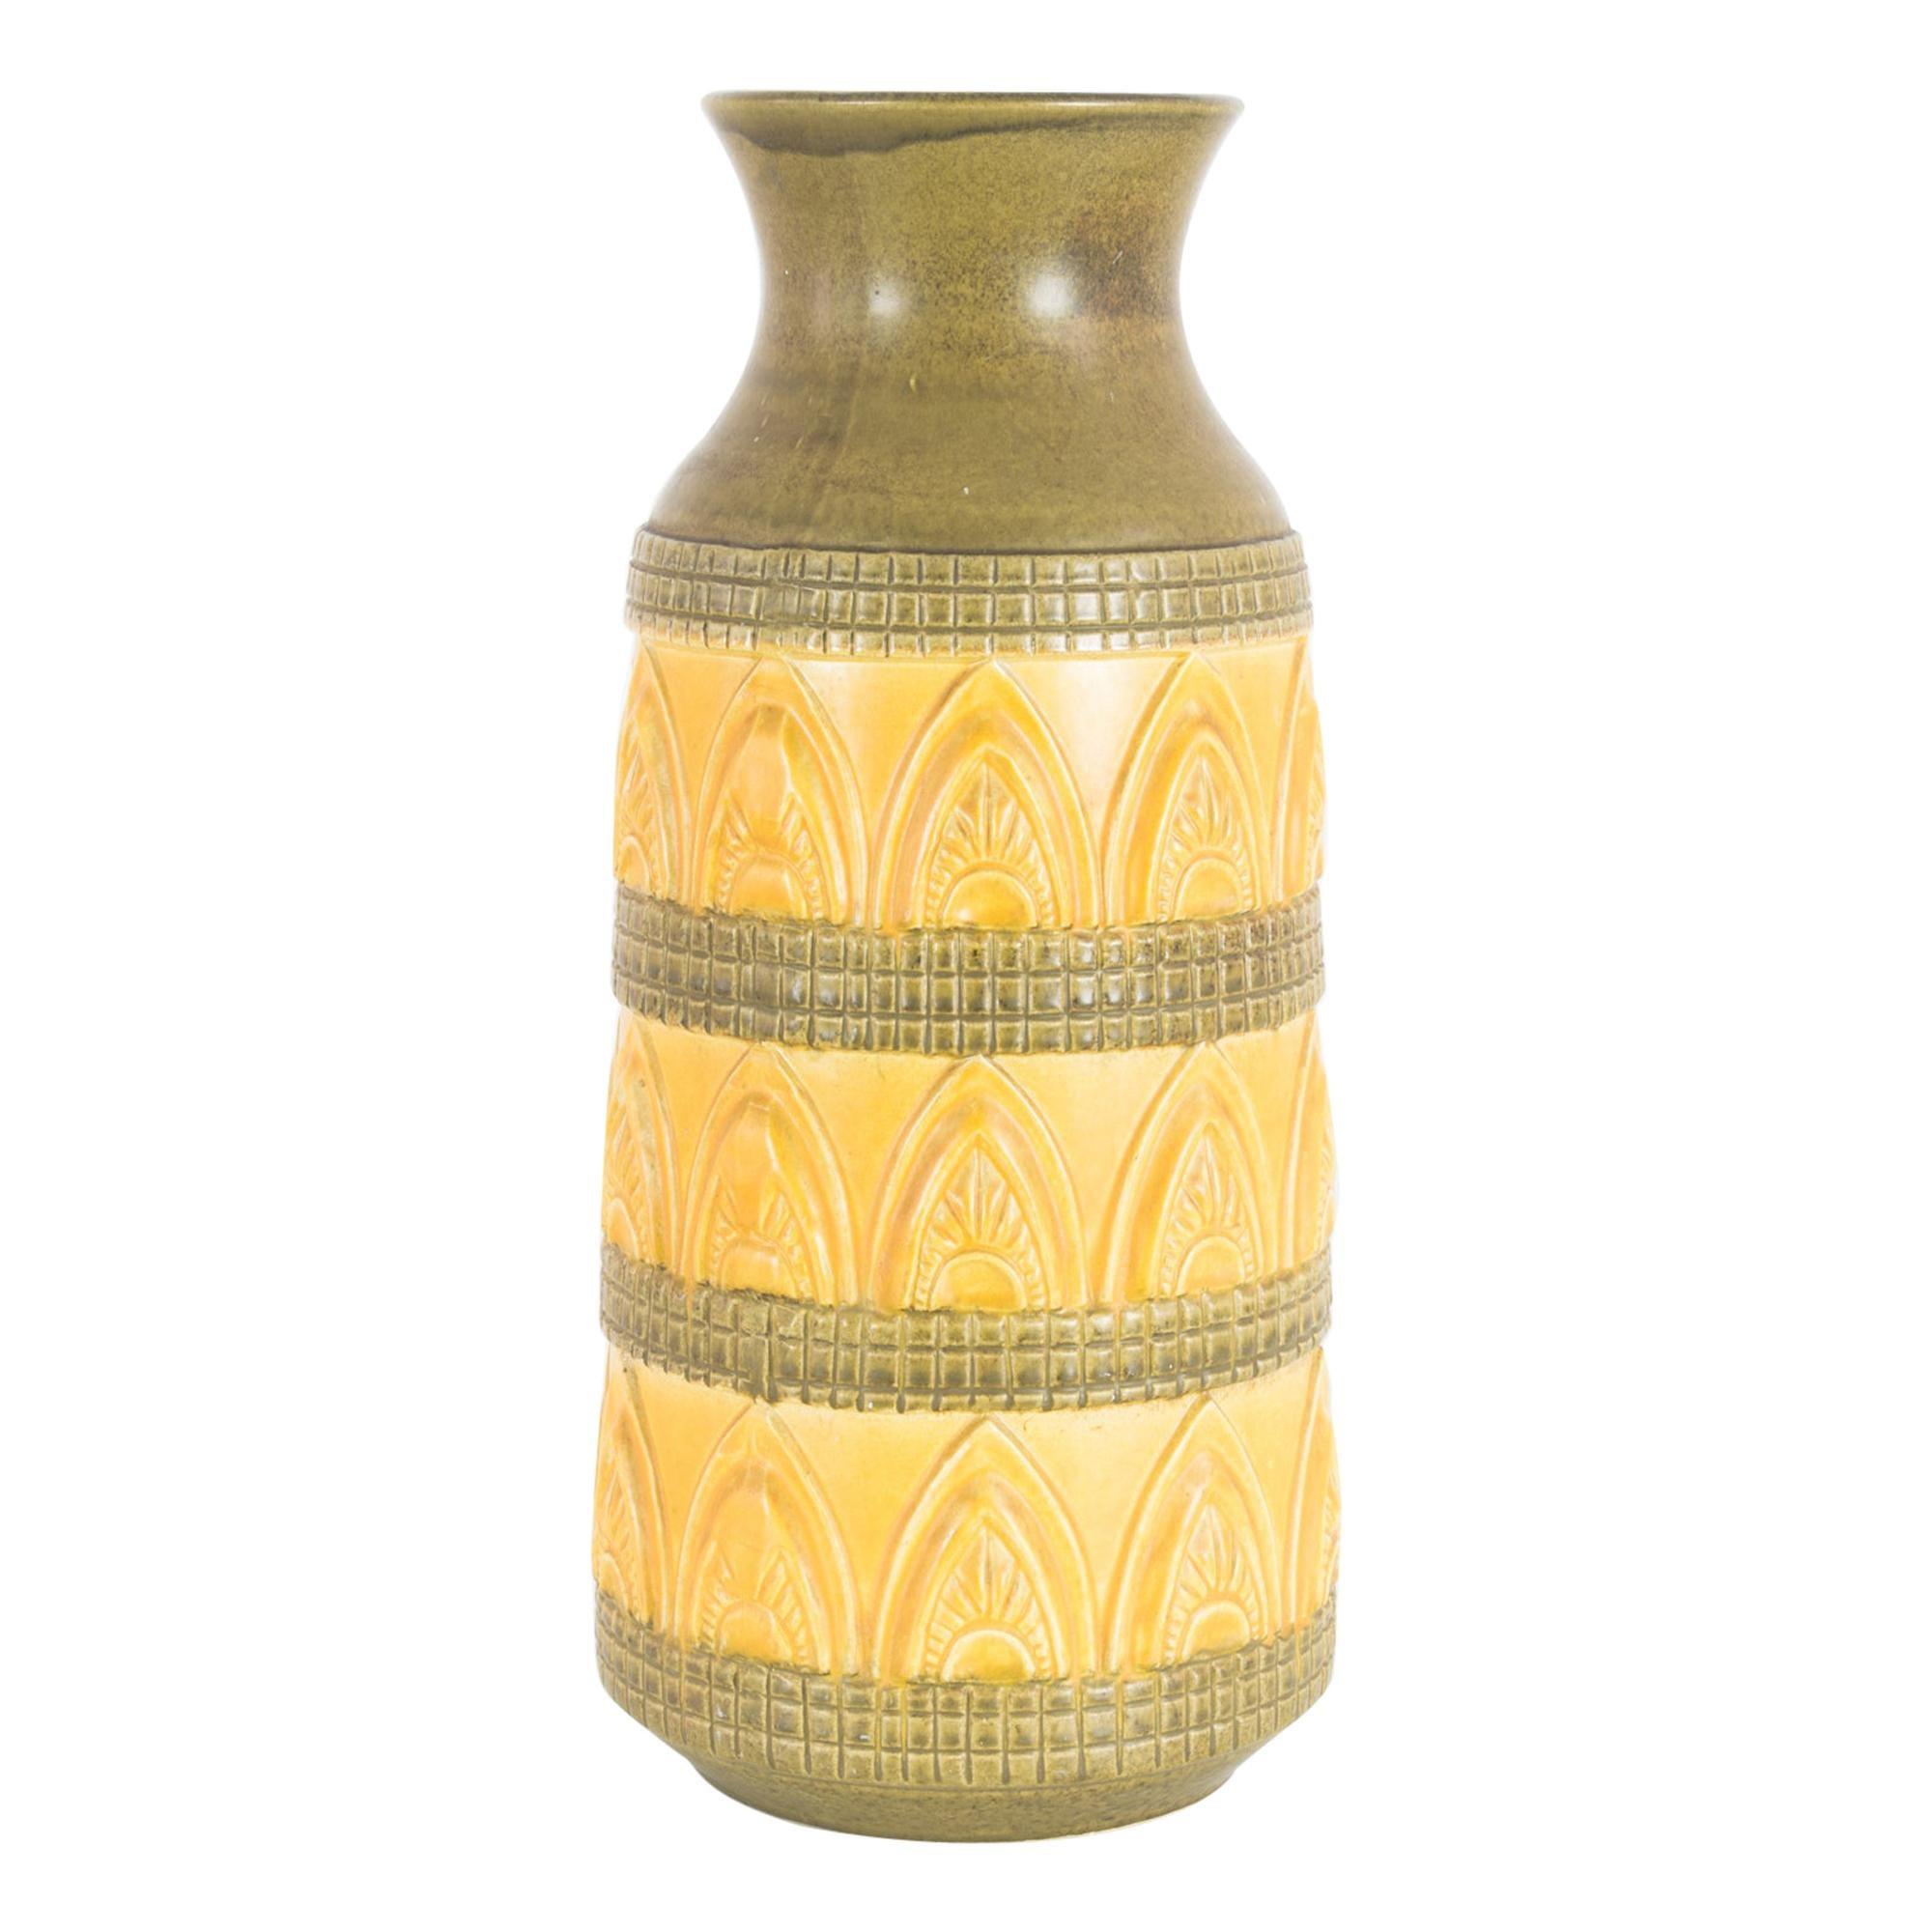 1970s German Ceramic Vase